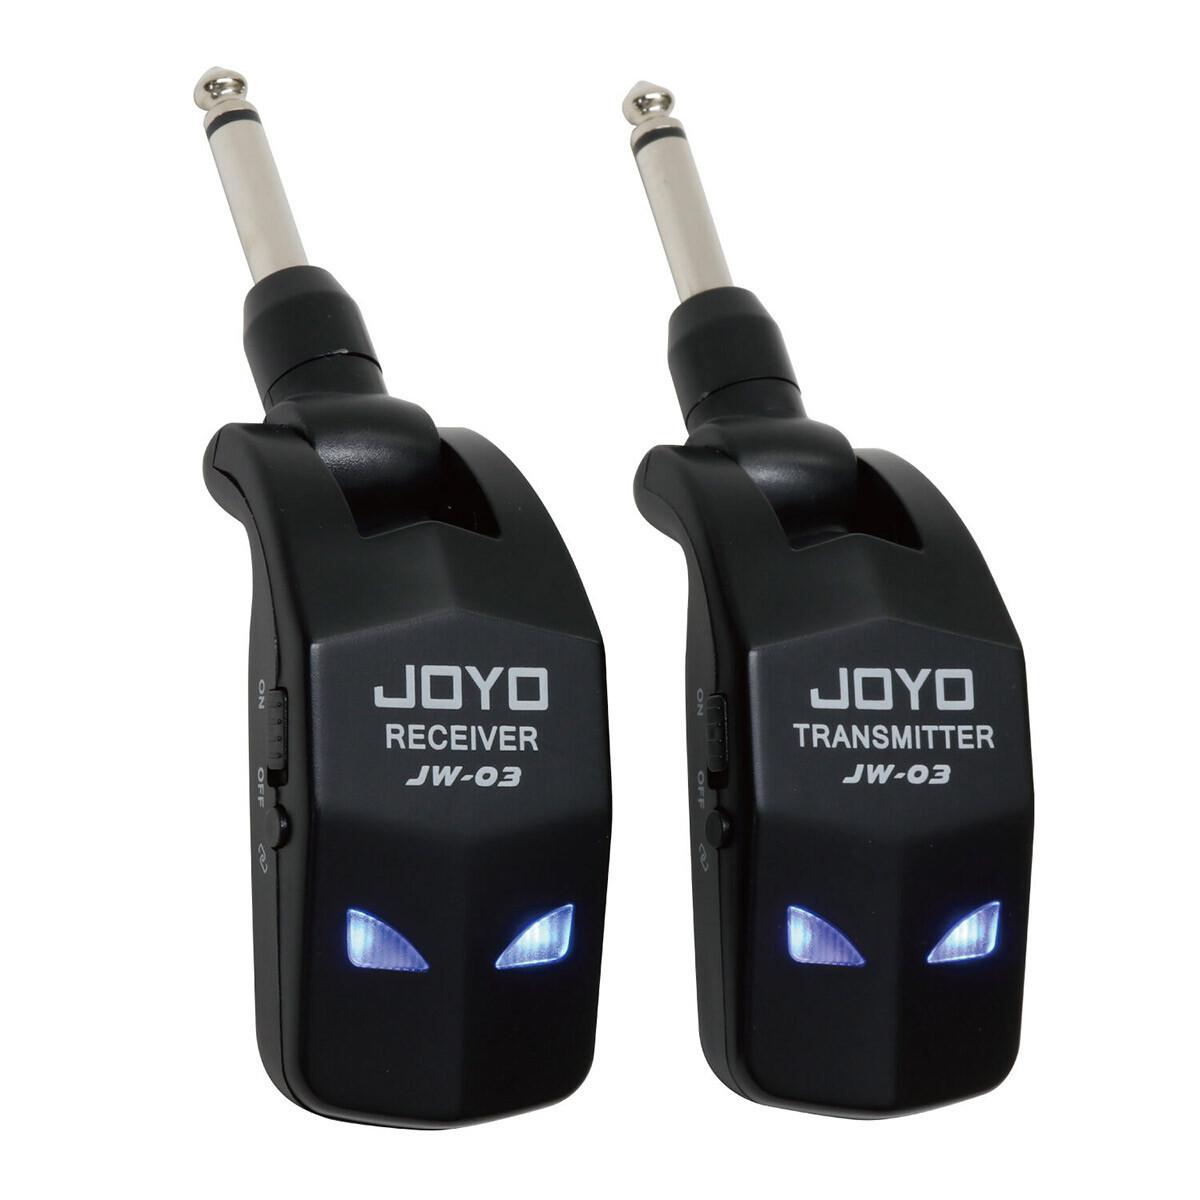 joyo-jw-03